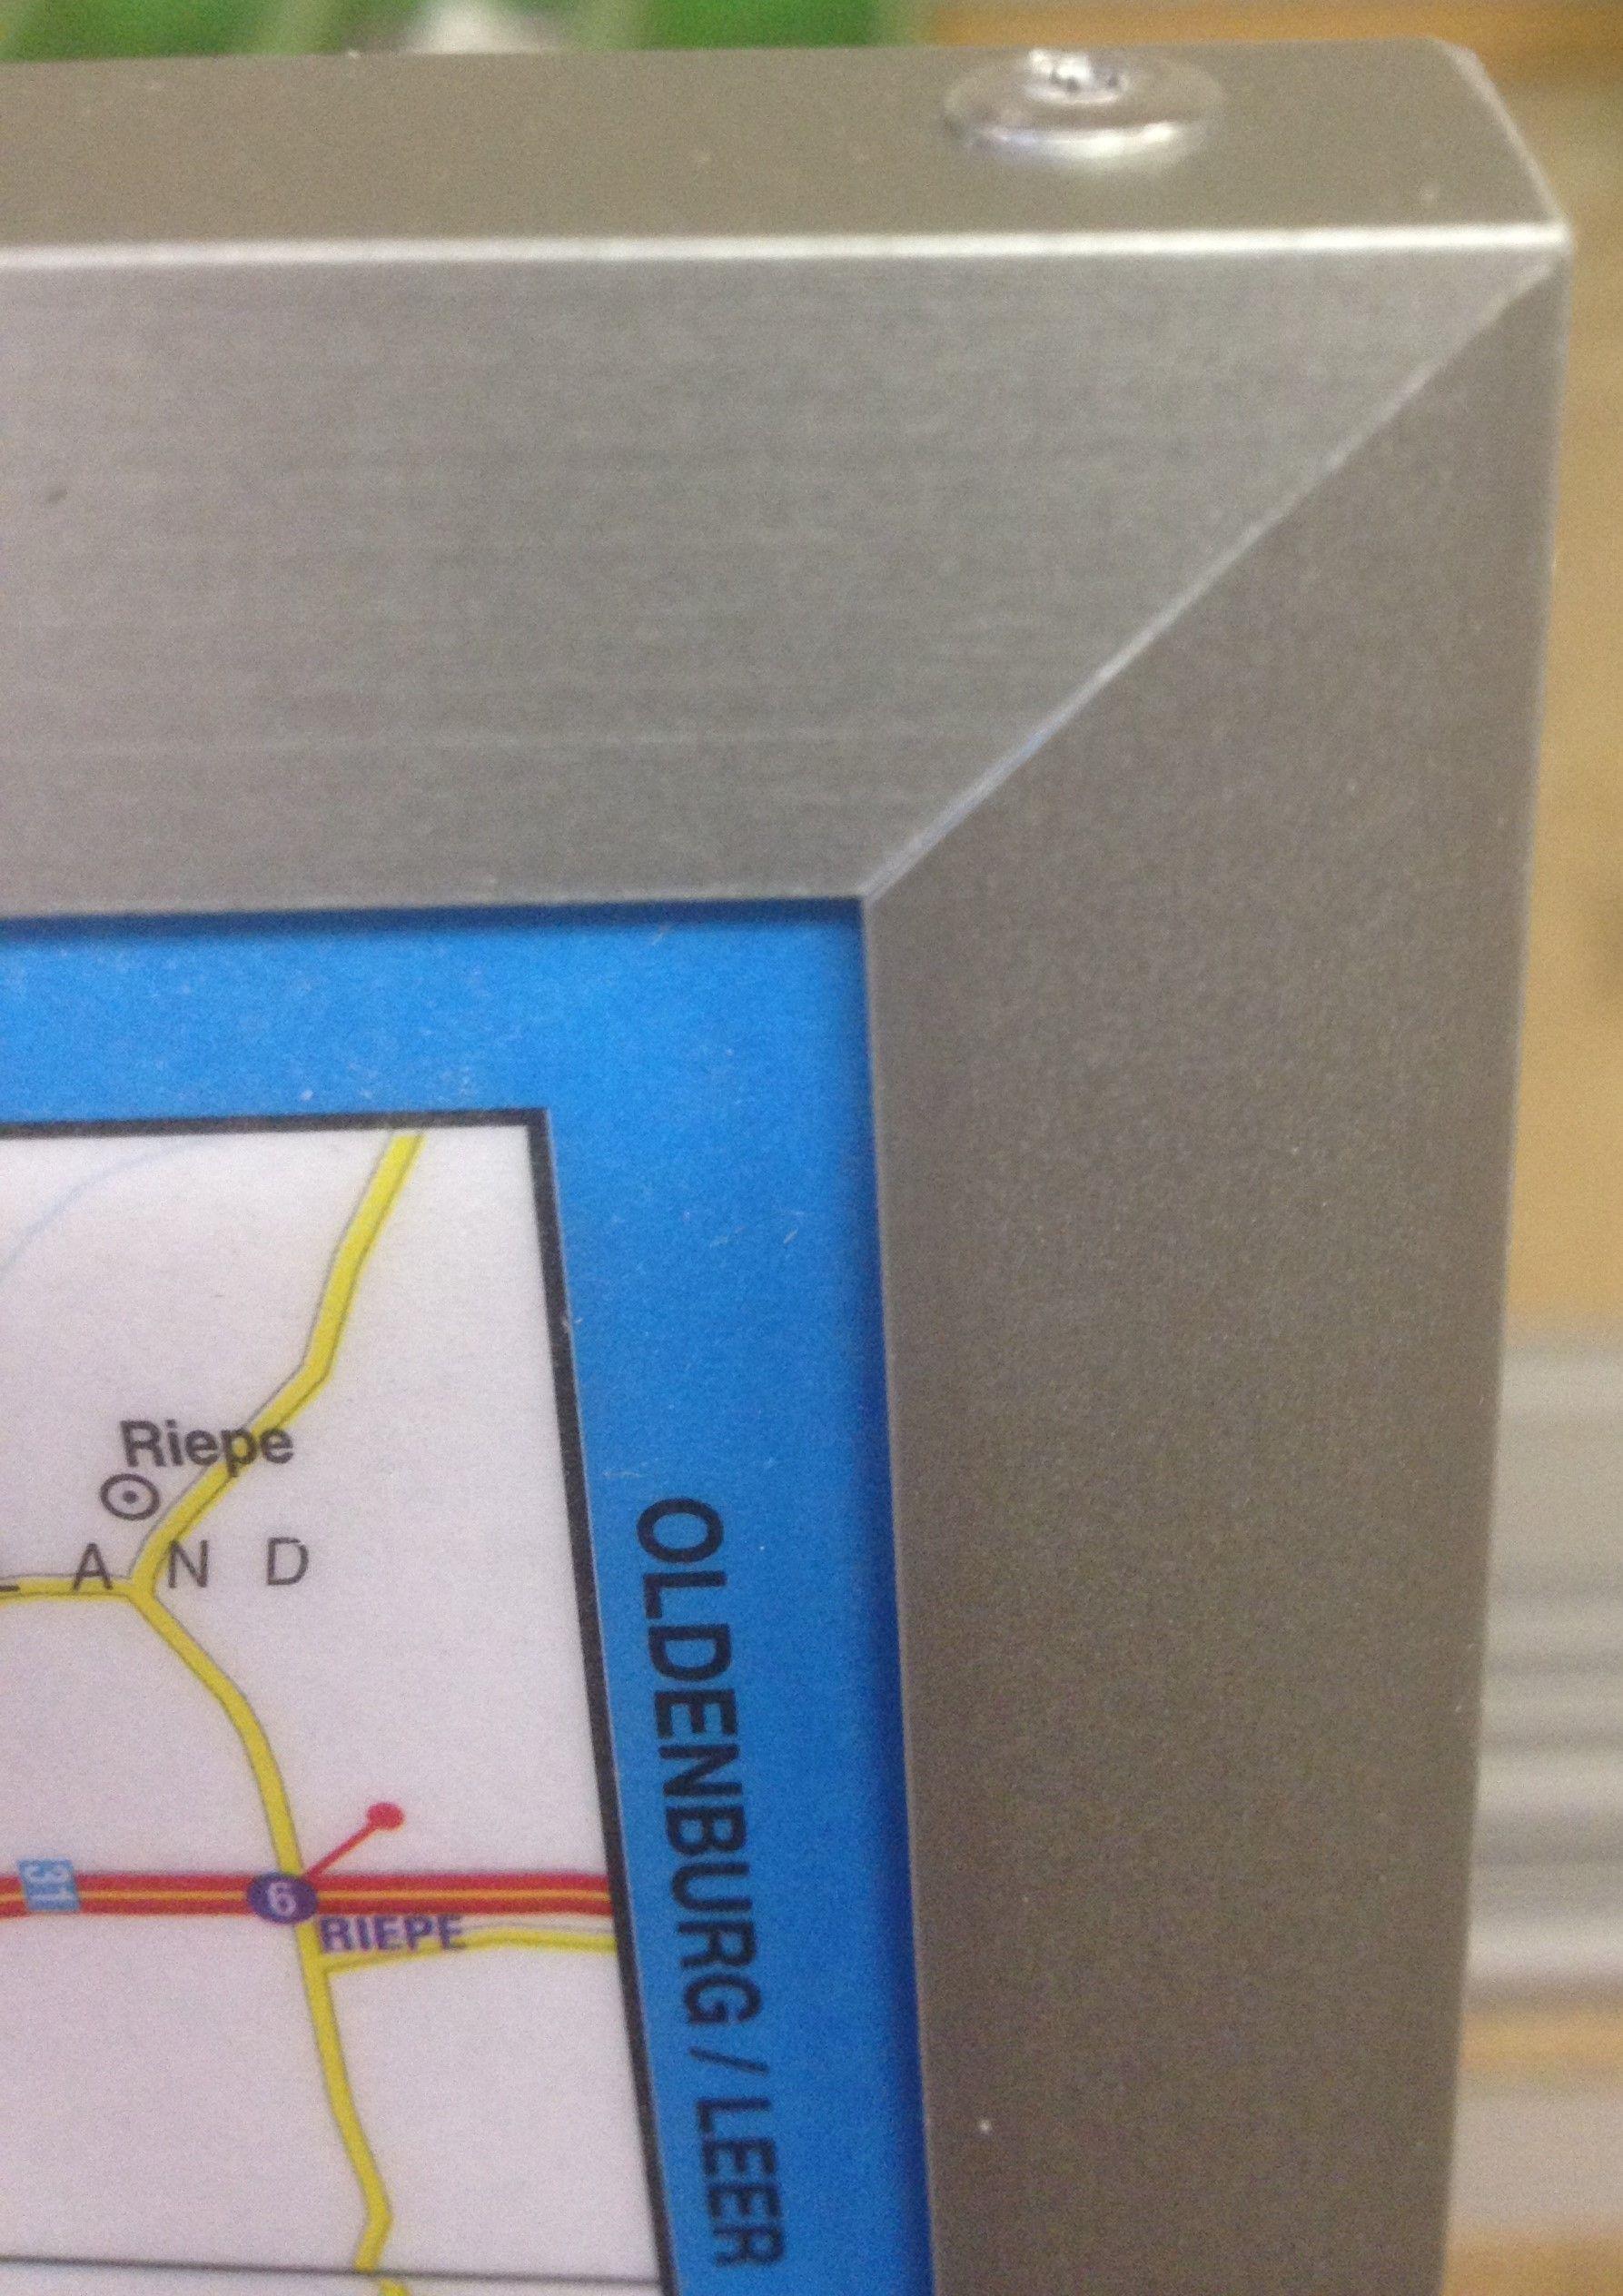 Landkaart Belgie de Rouck Geocart 1:250.000 met Plaatsnamenindex